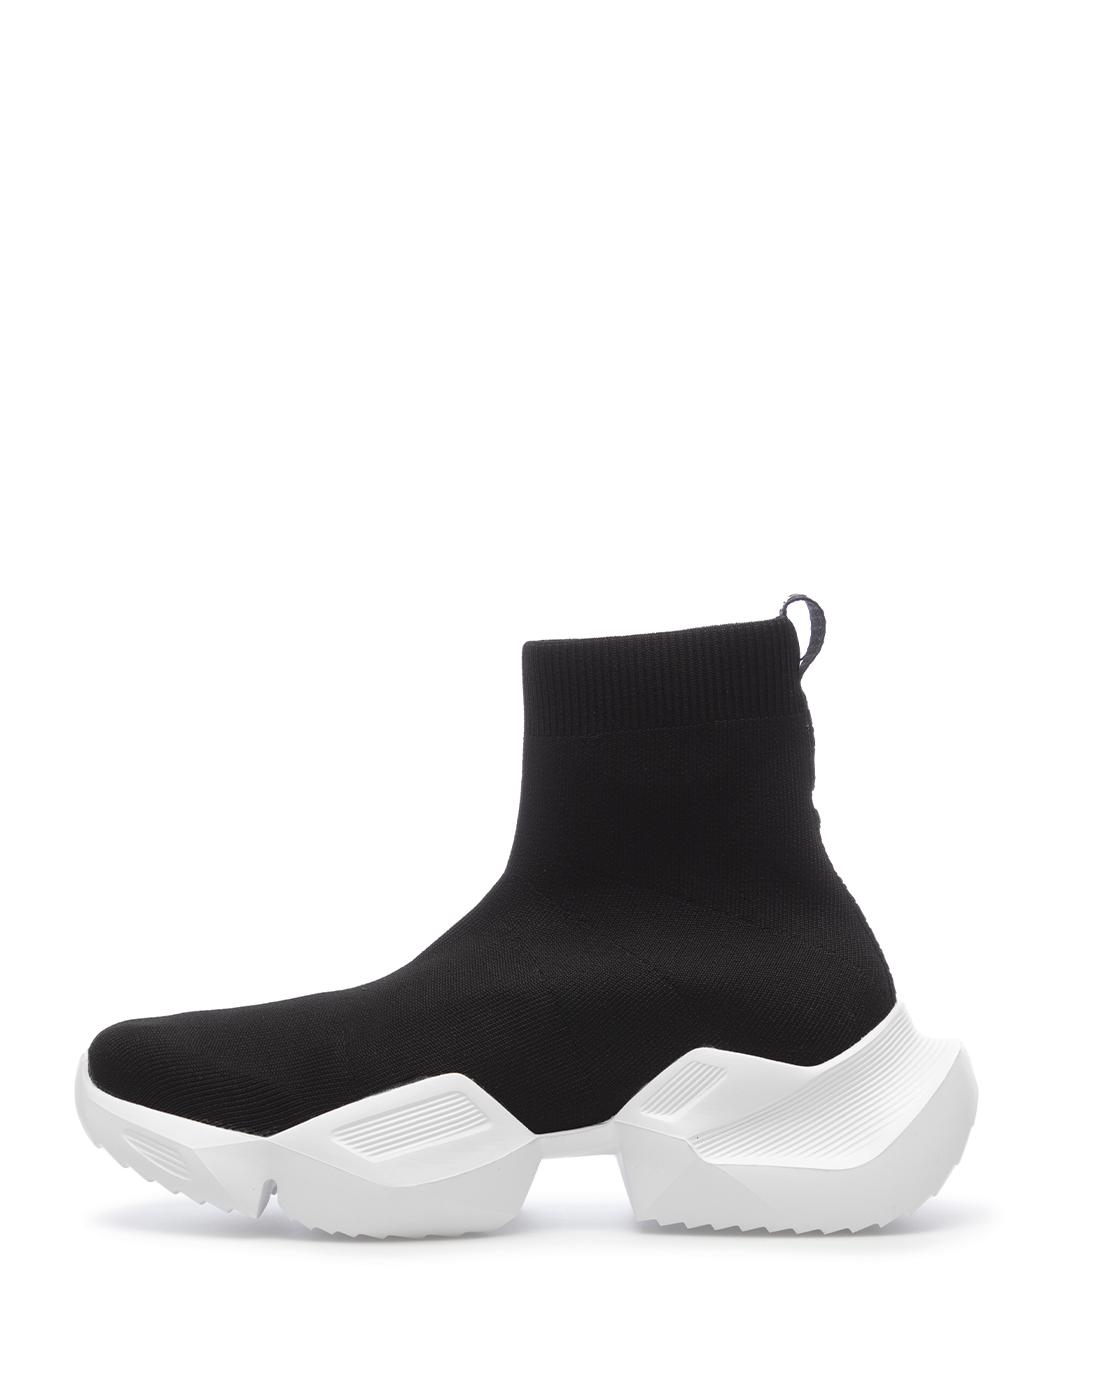 miniature 5 - Sneakers Hommes VERSACE JEANS COUTURE E0YZASU3 71624 M60 Synthétique Noir